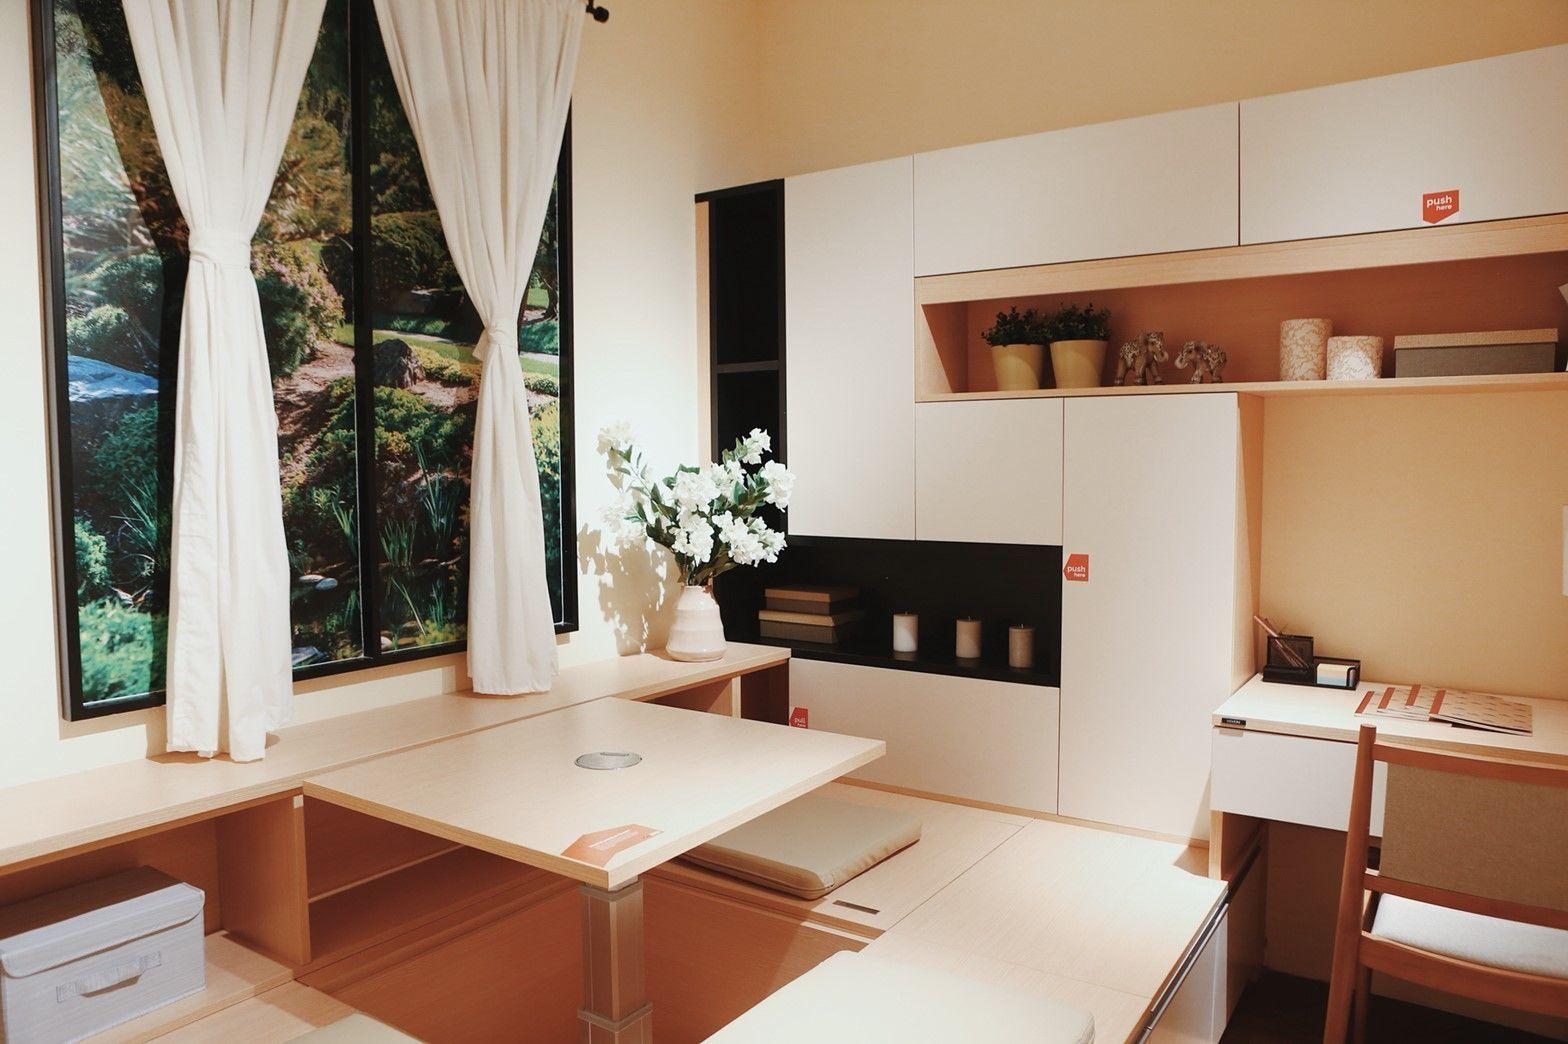 Simak Yuk Inspirasi Desain Furnitur Multifungsi di Ruang Minimalis